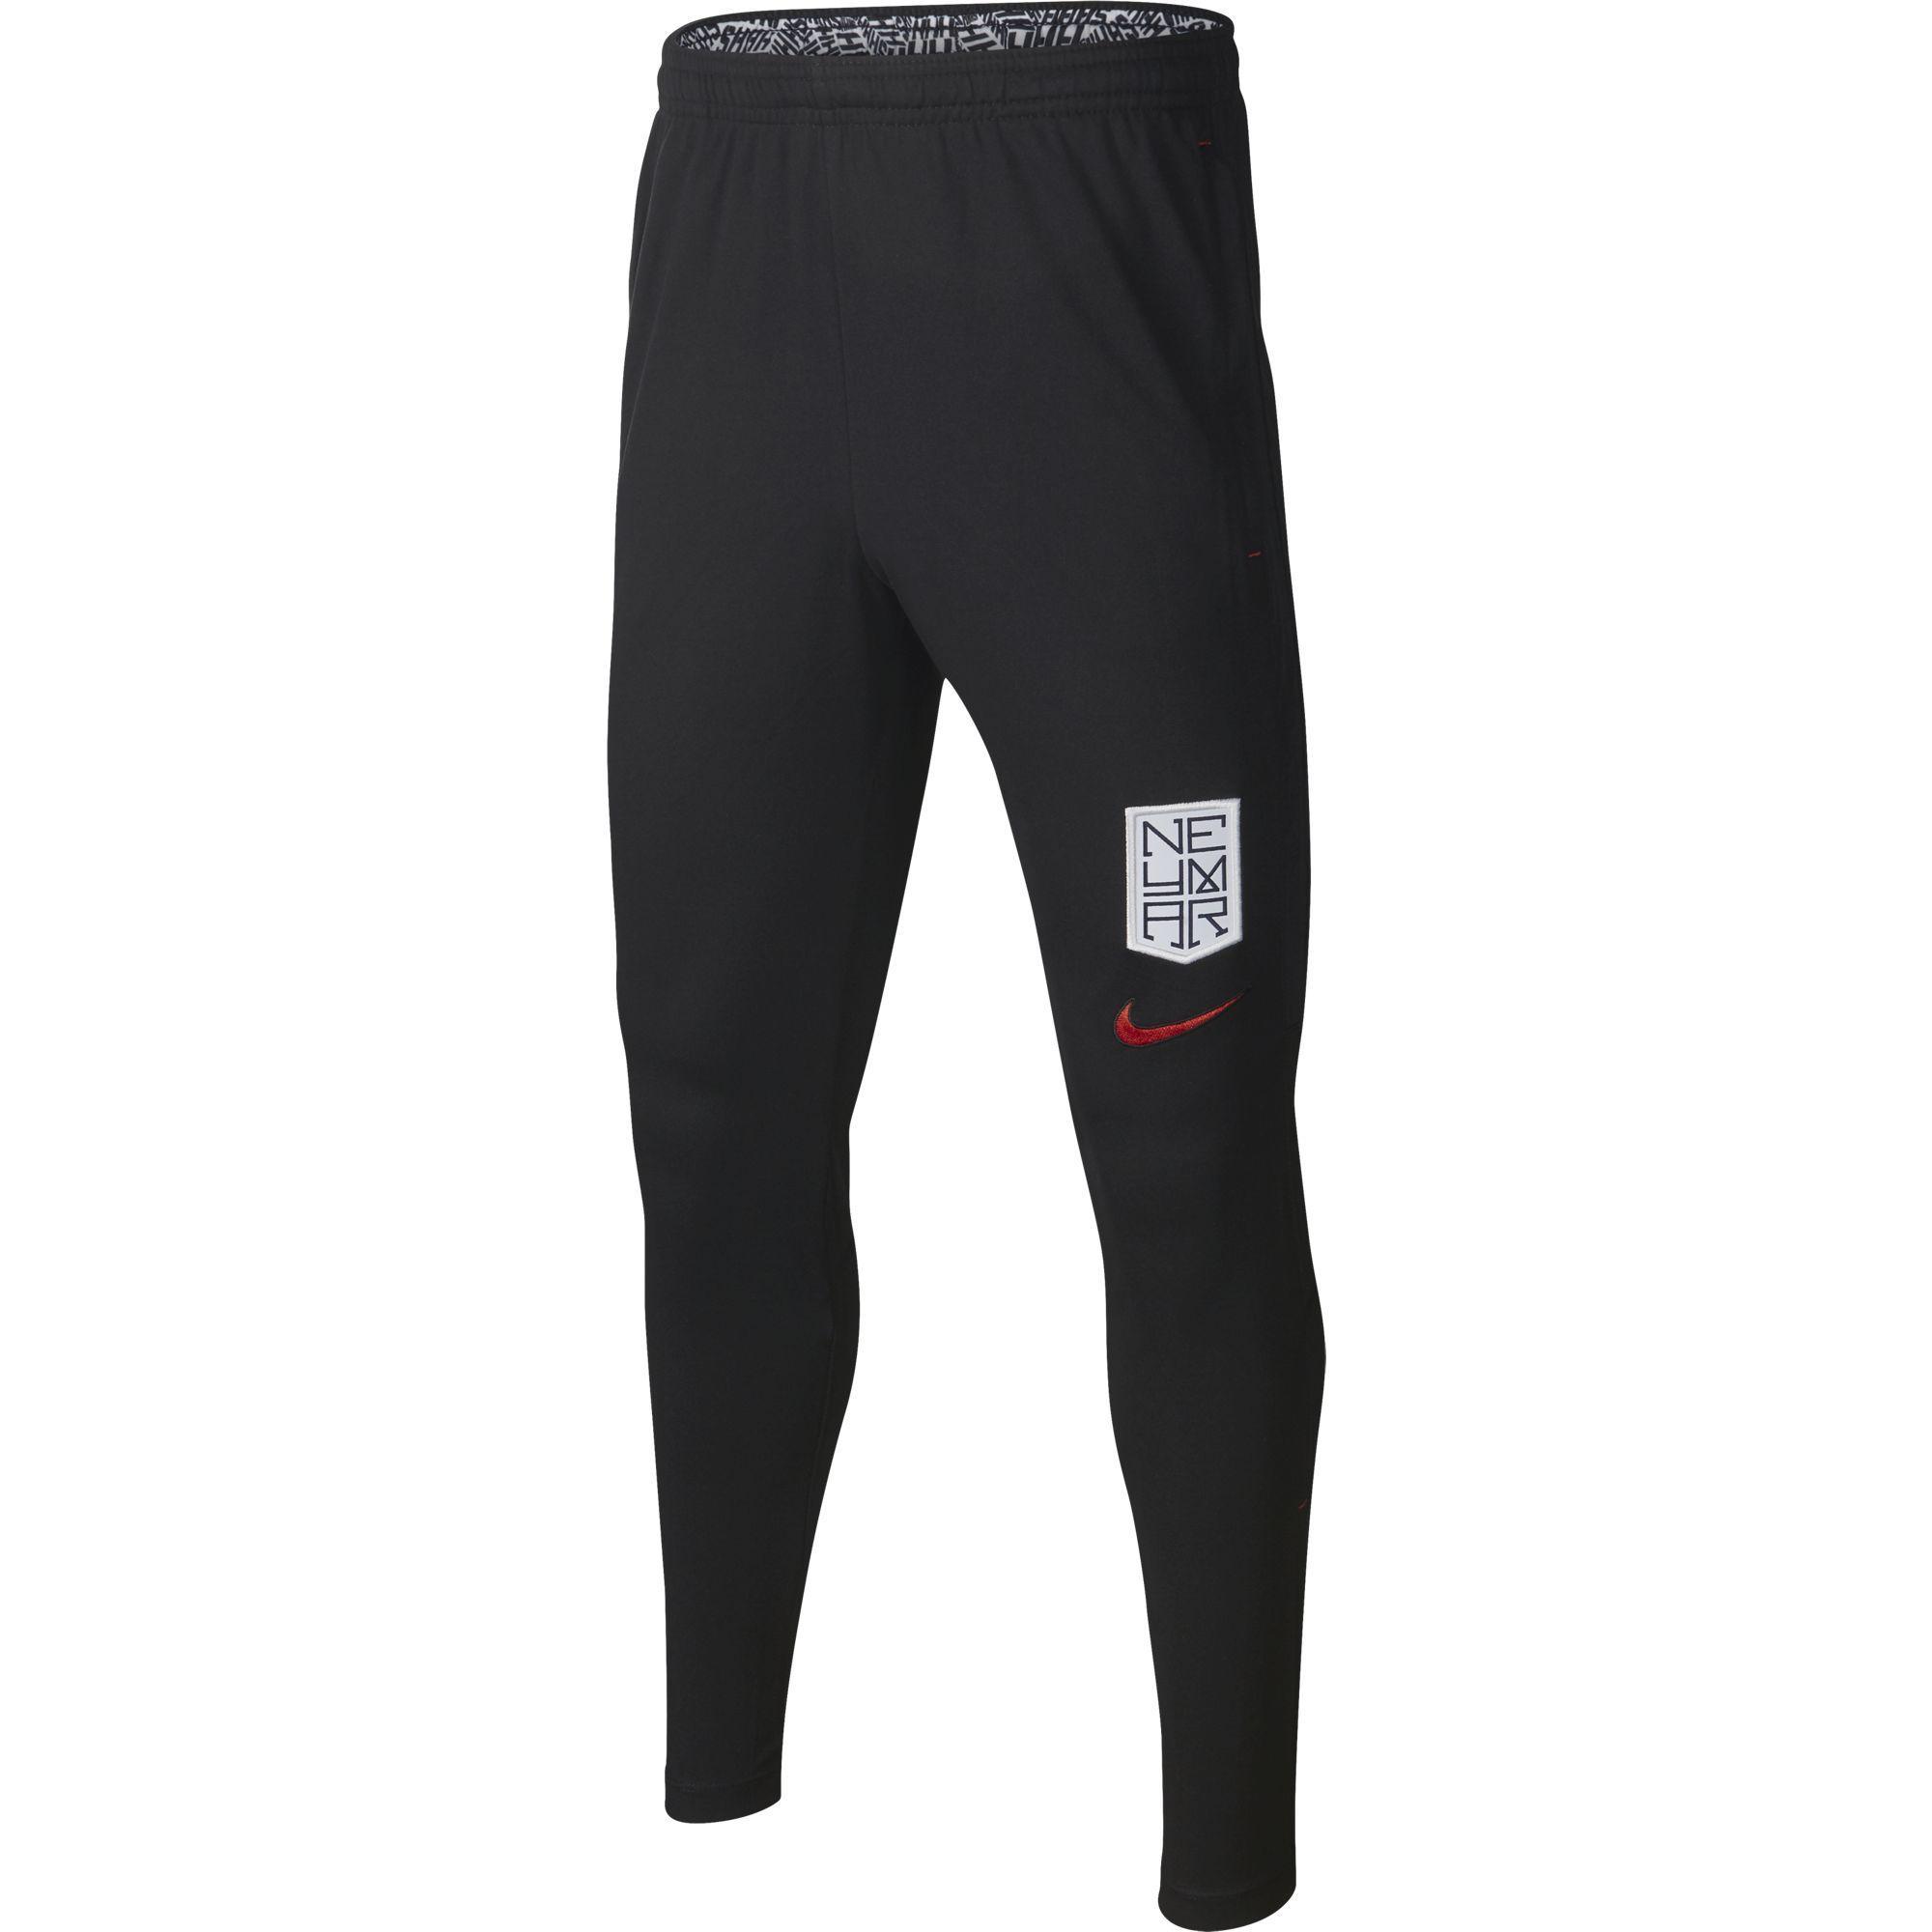 Nike Pantalone Dry  Junior Neymar Jr